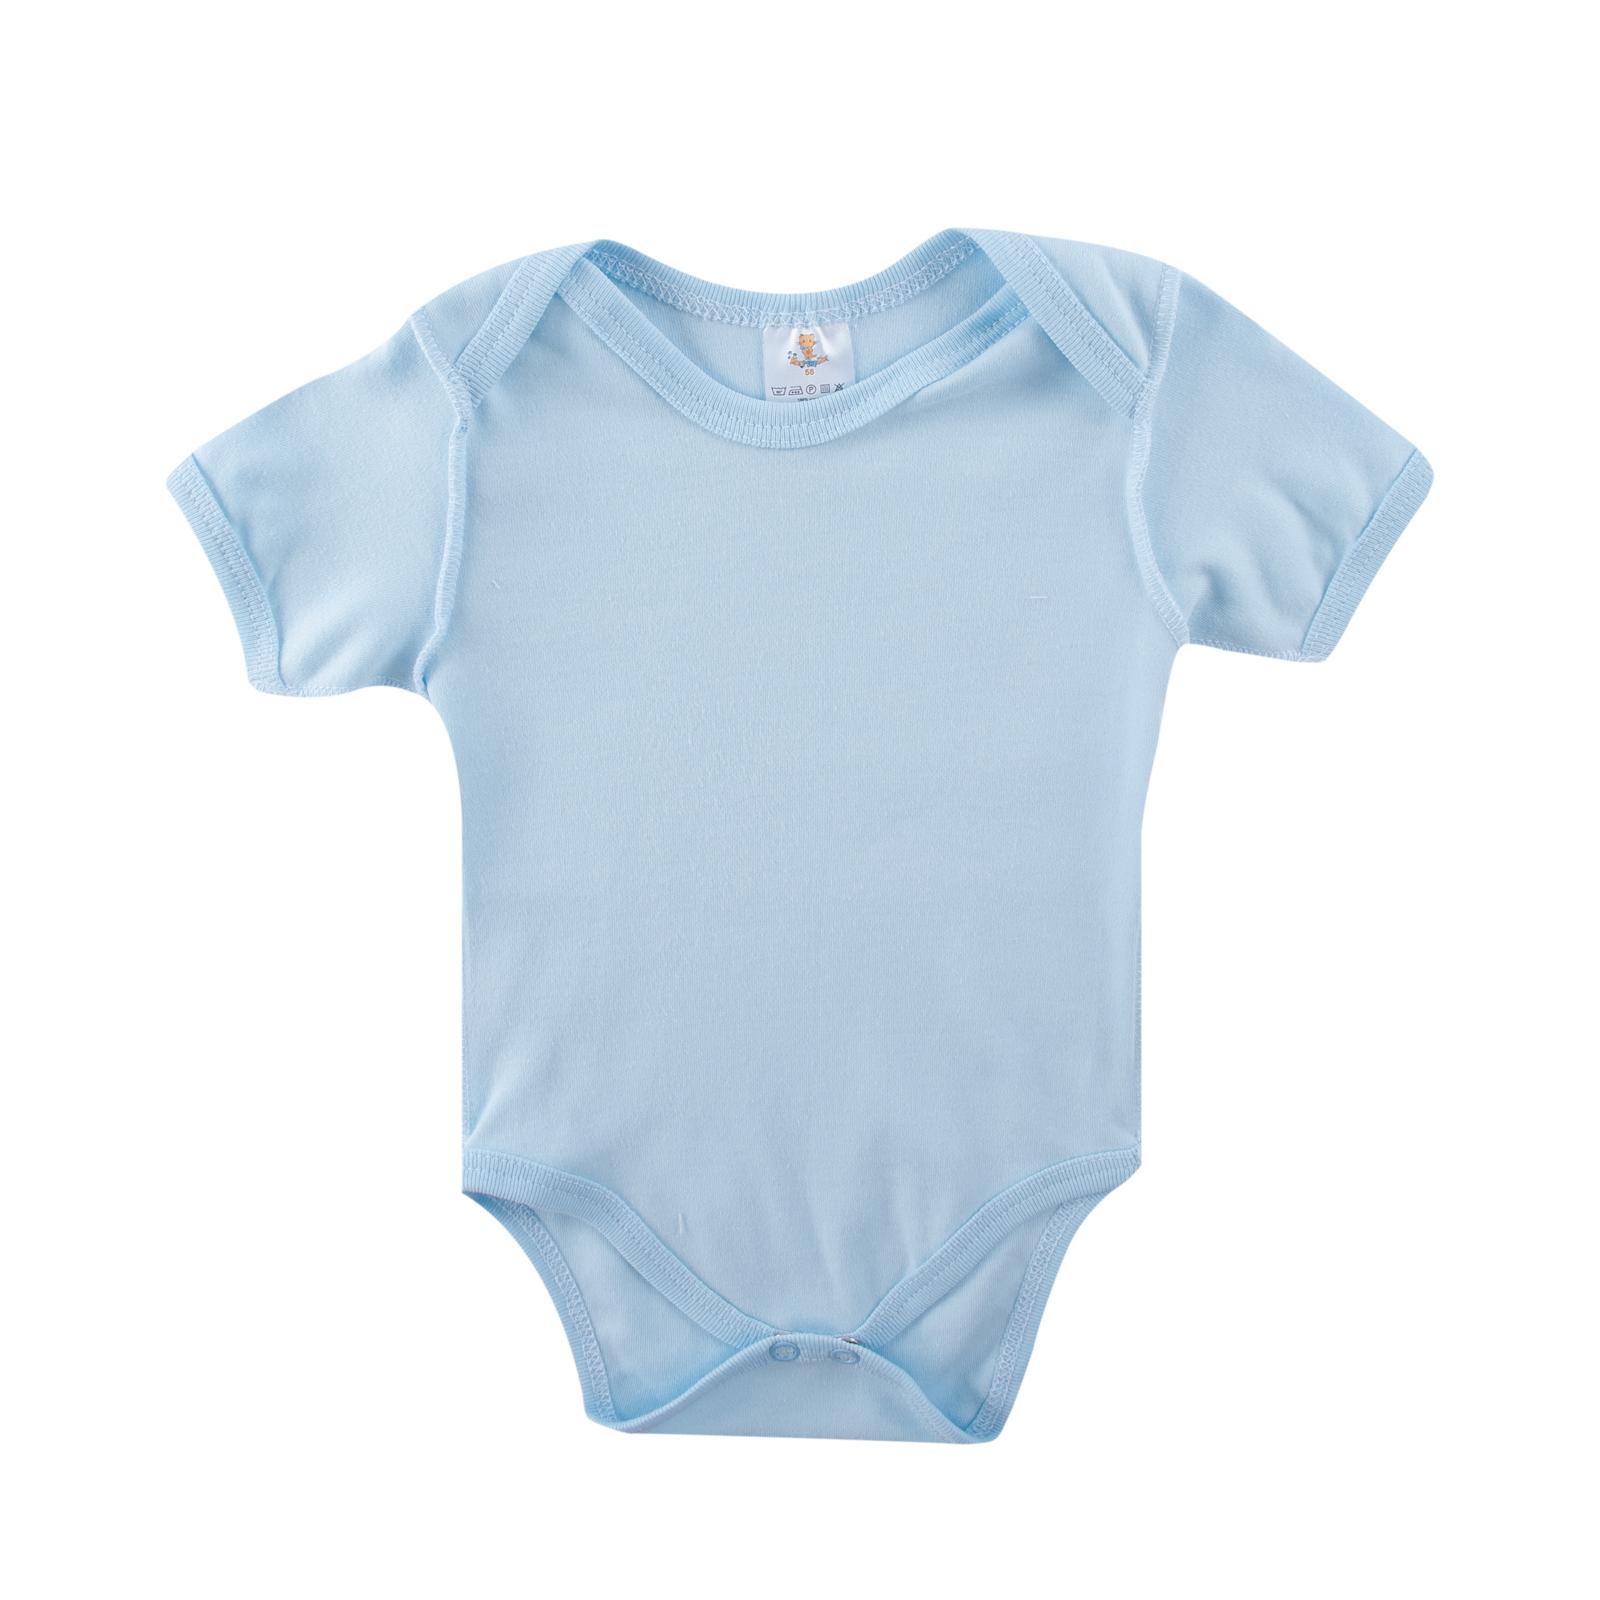 Боди без рукава КОТМАРКОТ для мальчика, цвет голубой 6-9 мес (размер 74 см)<br>